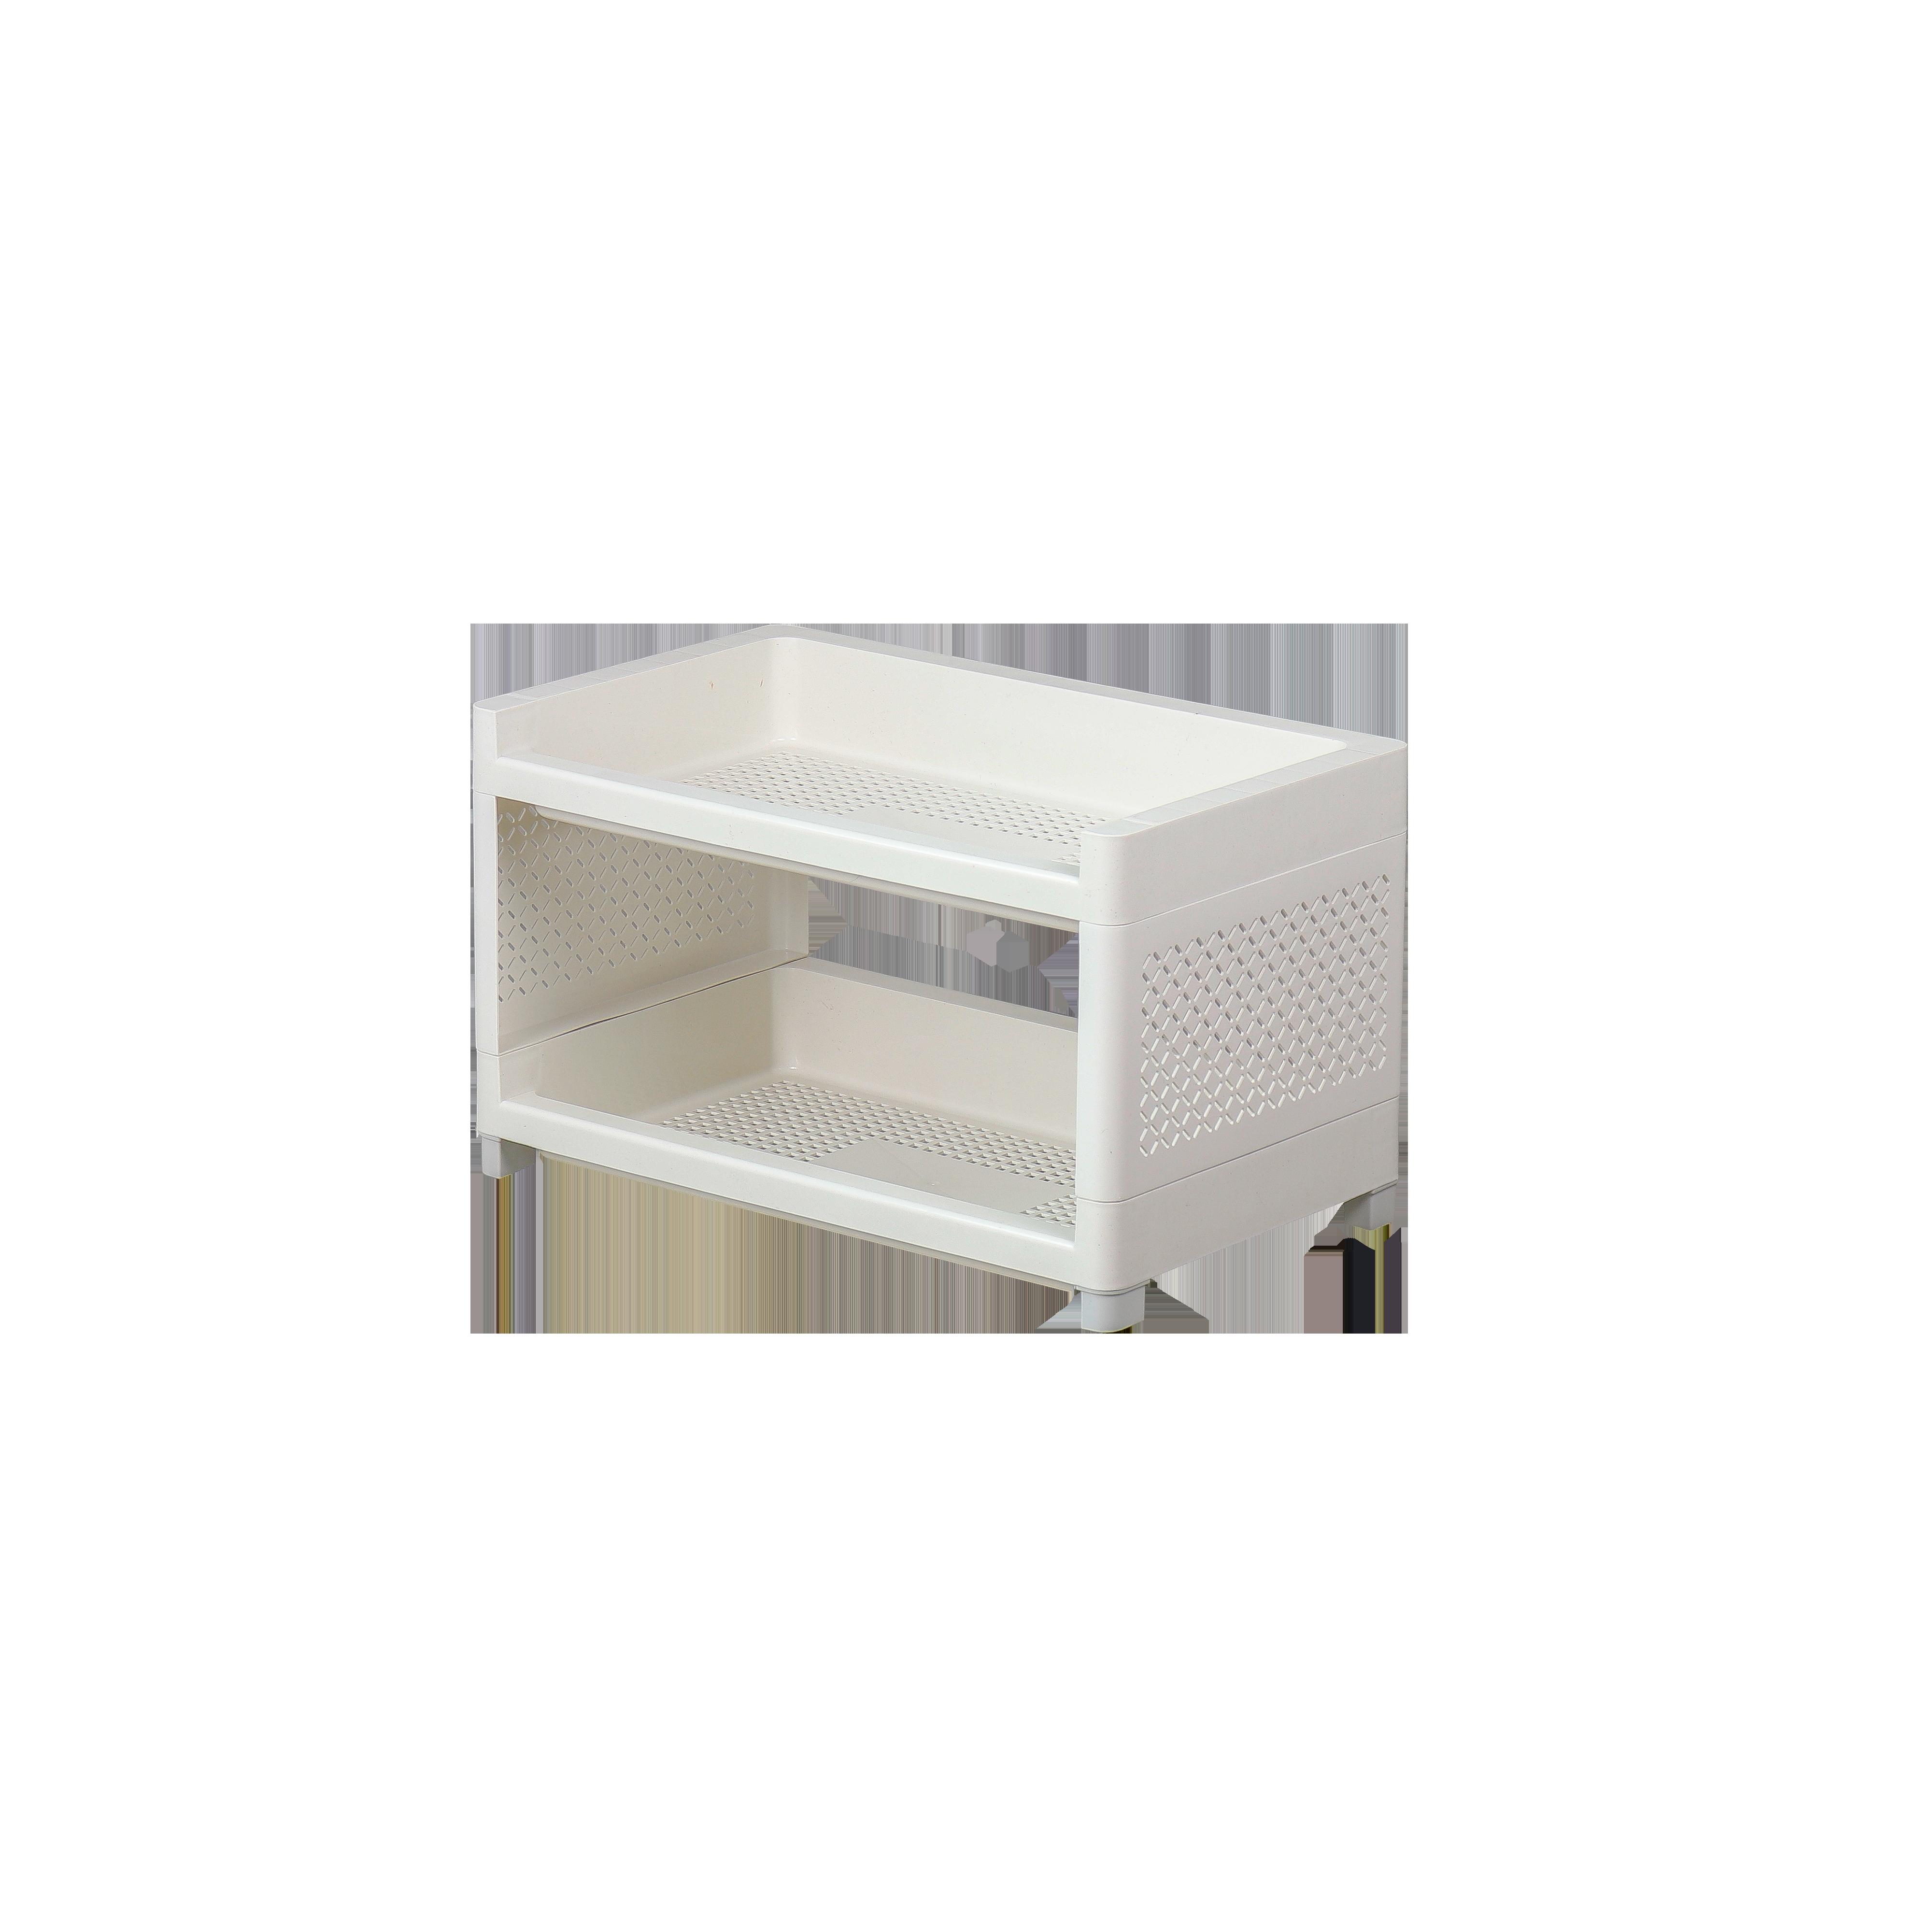 Kệ đựng đồ đa năng - 2 ngăn  (30x50x29.6cm), Mã số: 5962